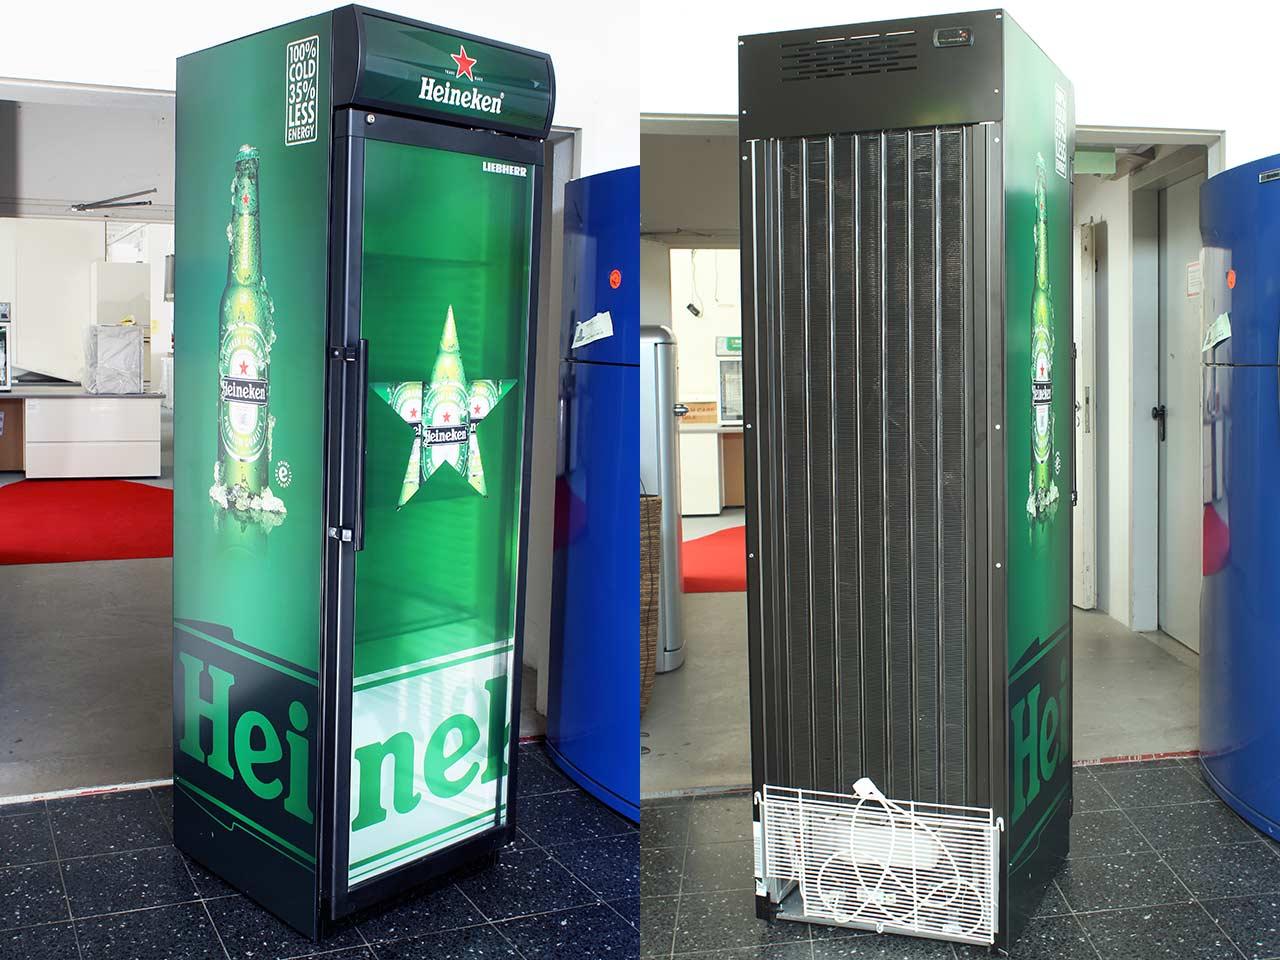 Kleiner Kühlschrank Heineken : Heineken mini kühlschrank kaufen: mini kühlschrank haushaltsgeräte